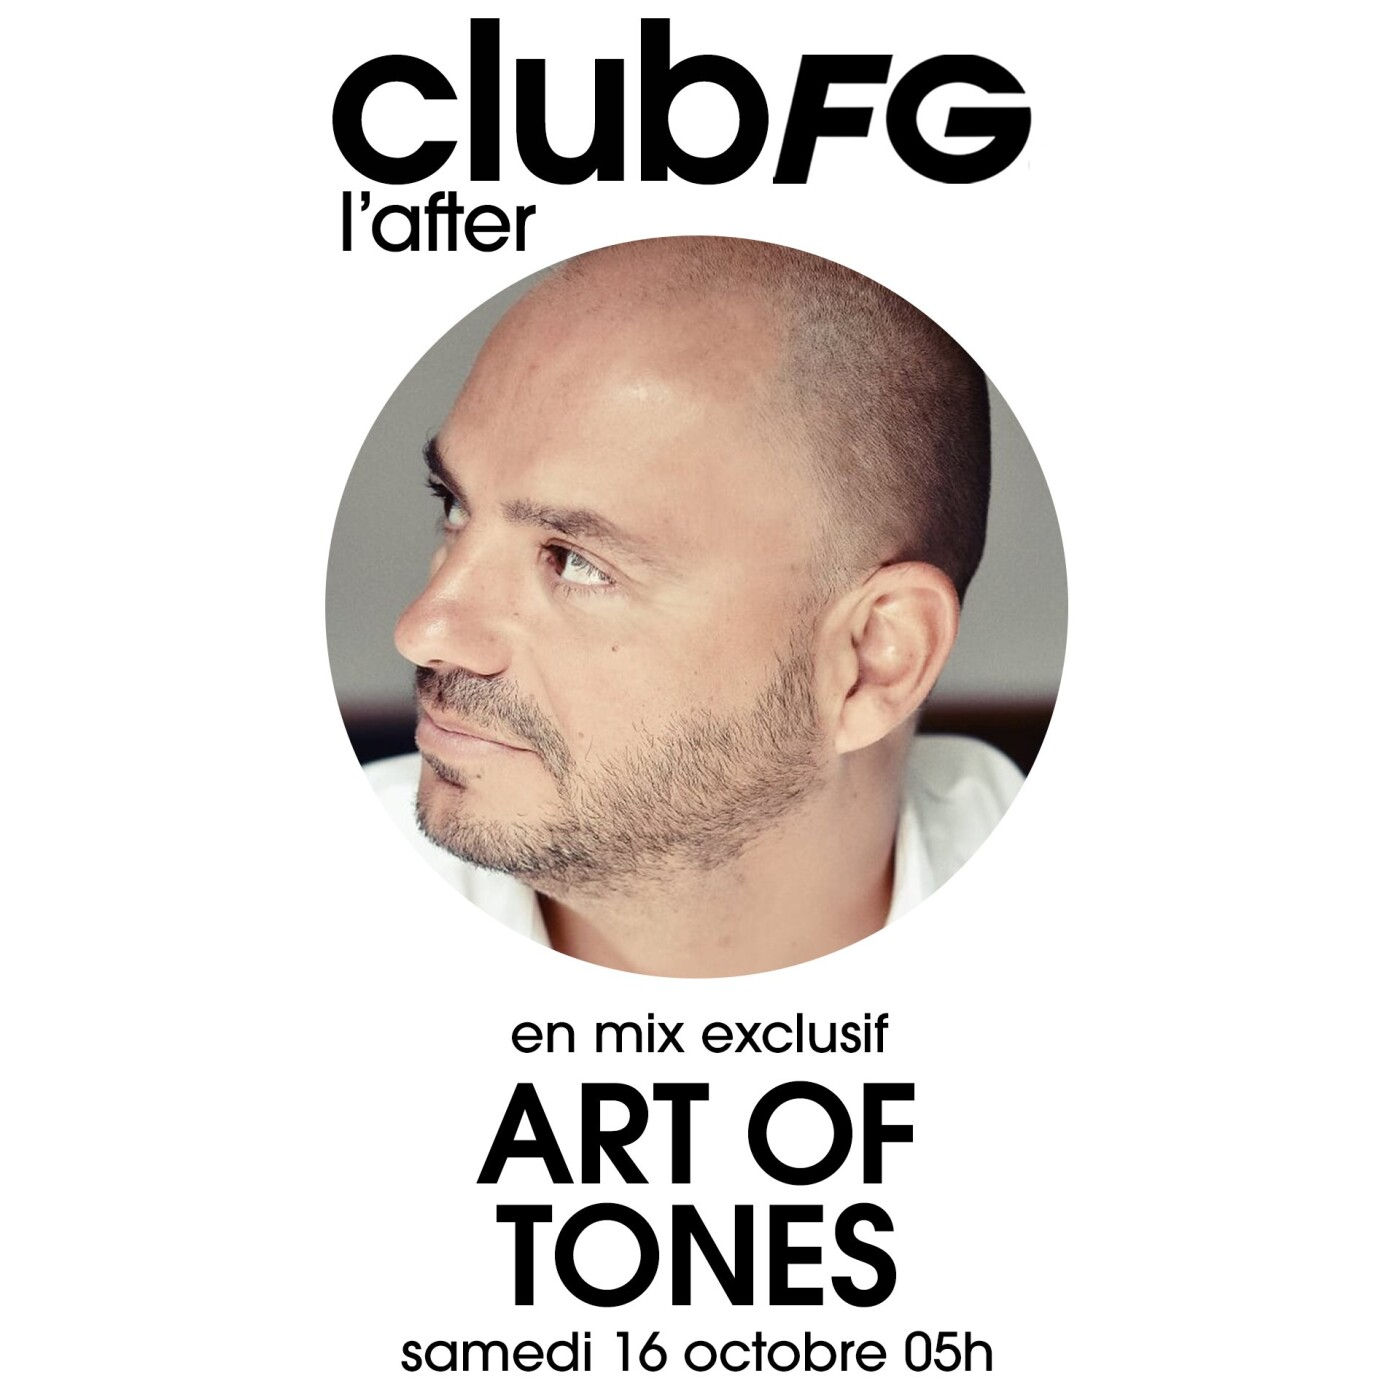 CLUB FG : ART OF TONES